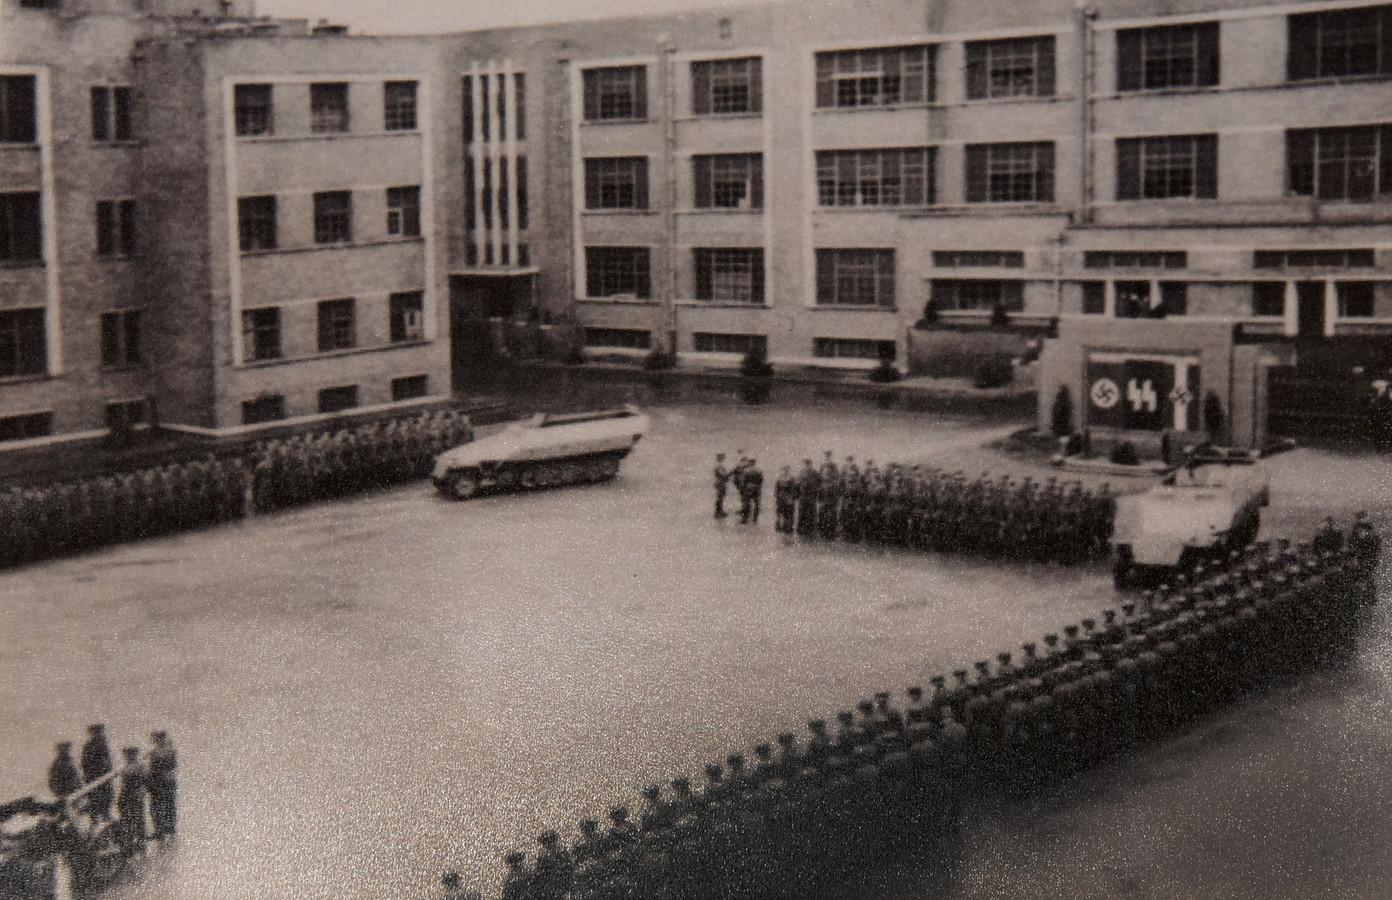 Een beeld uit de Tweede Wereldoorlog. Een afdeling van de Hitlerjugend op het paradeplein.